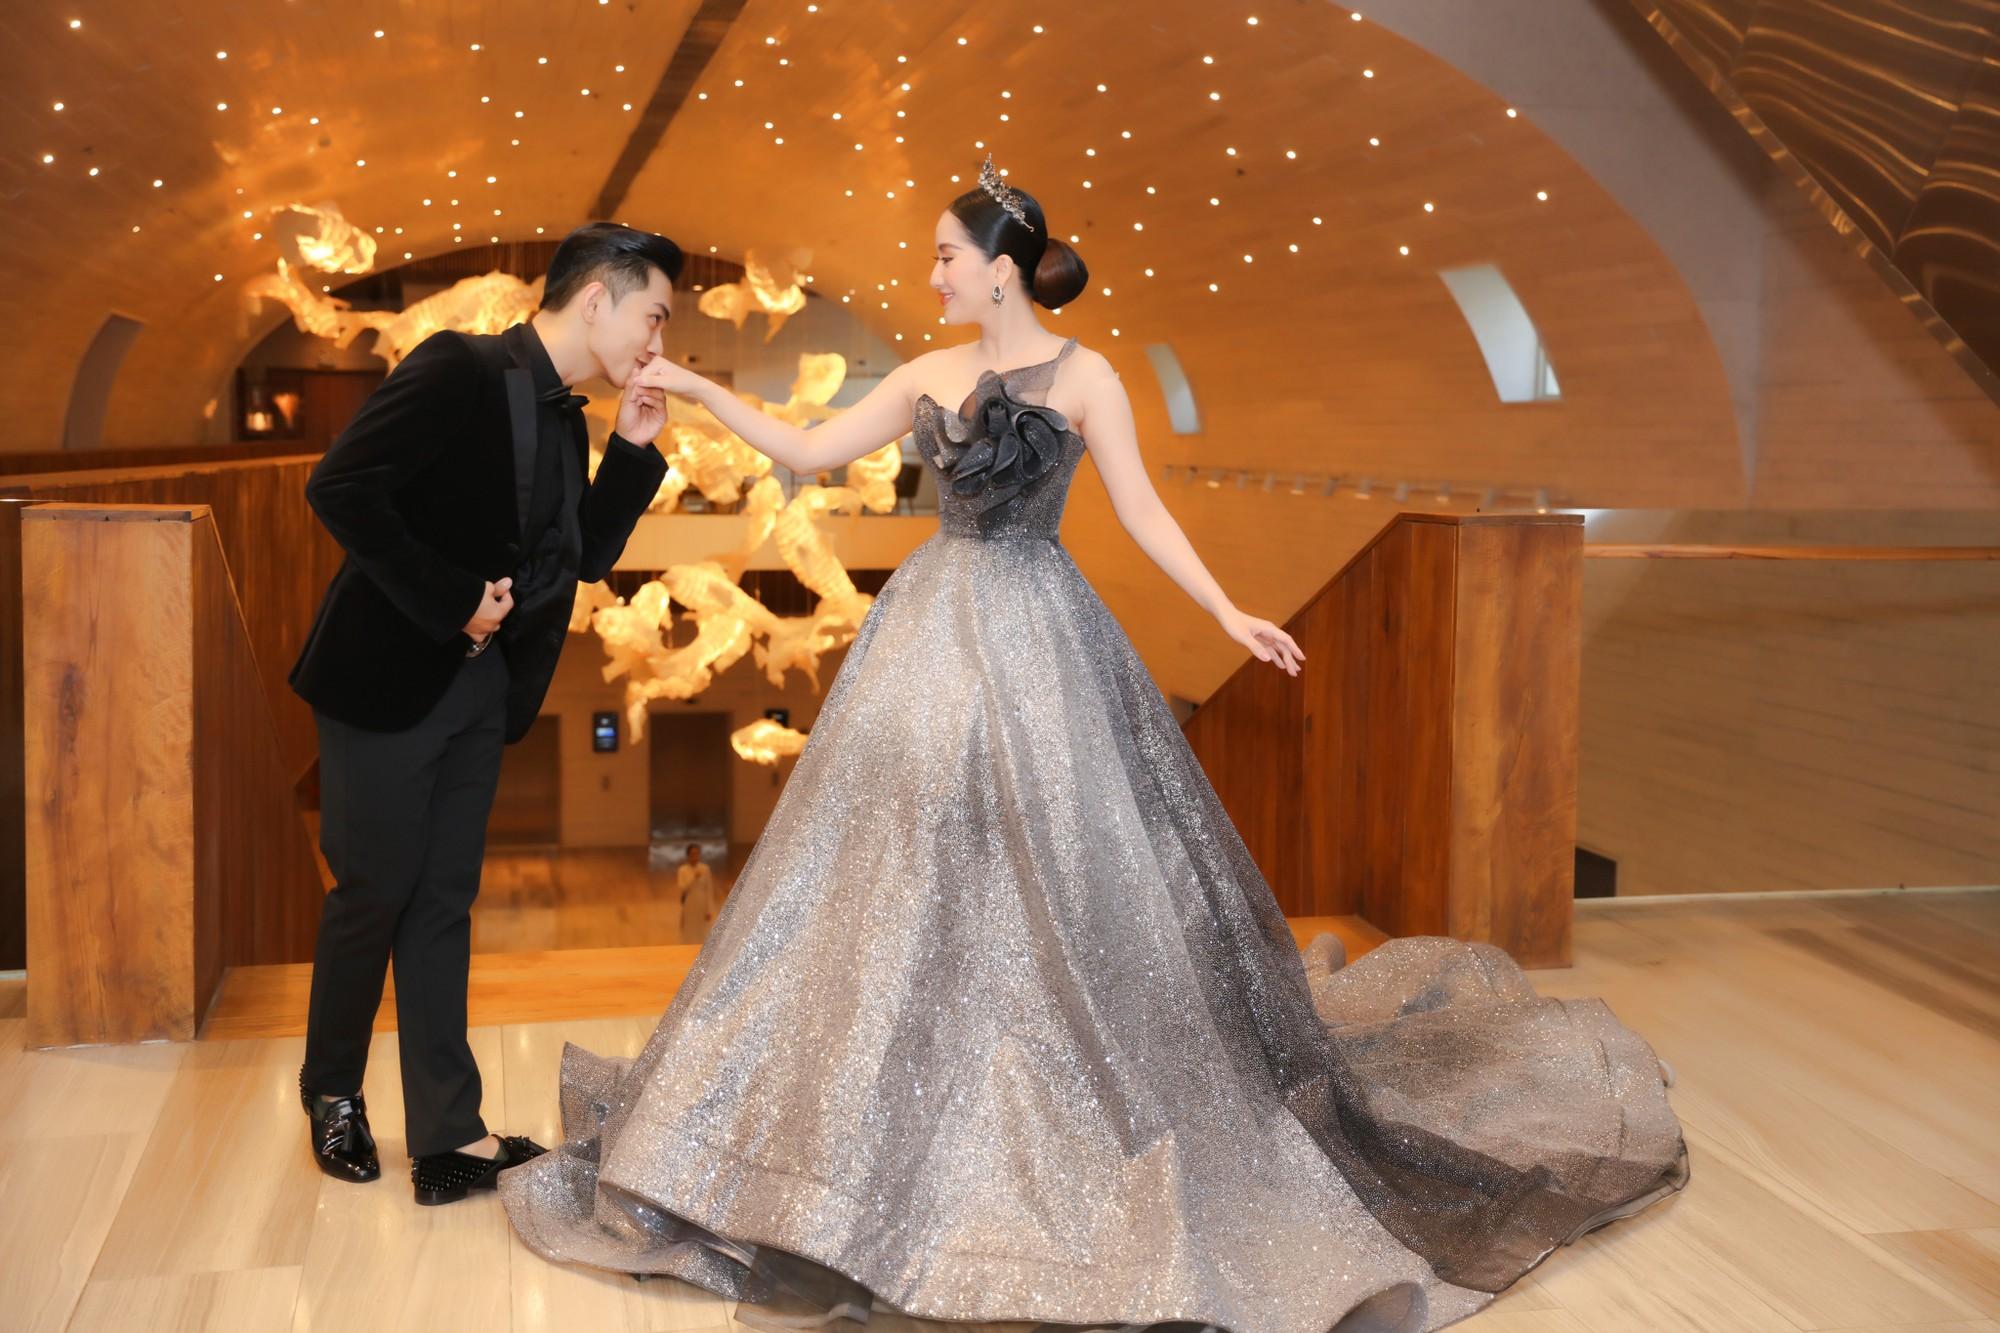 Elly Trần lên đồ cosplay Mẹ Rồng, ai ngờ bị màn vác kiếm choảng nhau của vợ chồng Khánh Thi giựt spotlight - Ảnh 7.